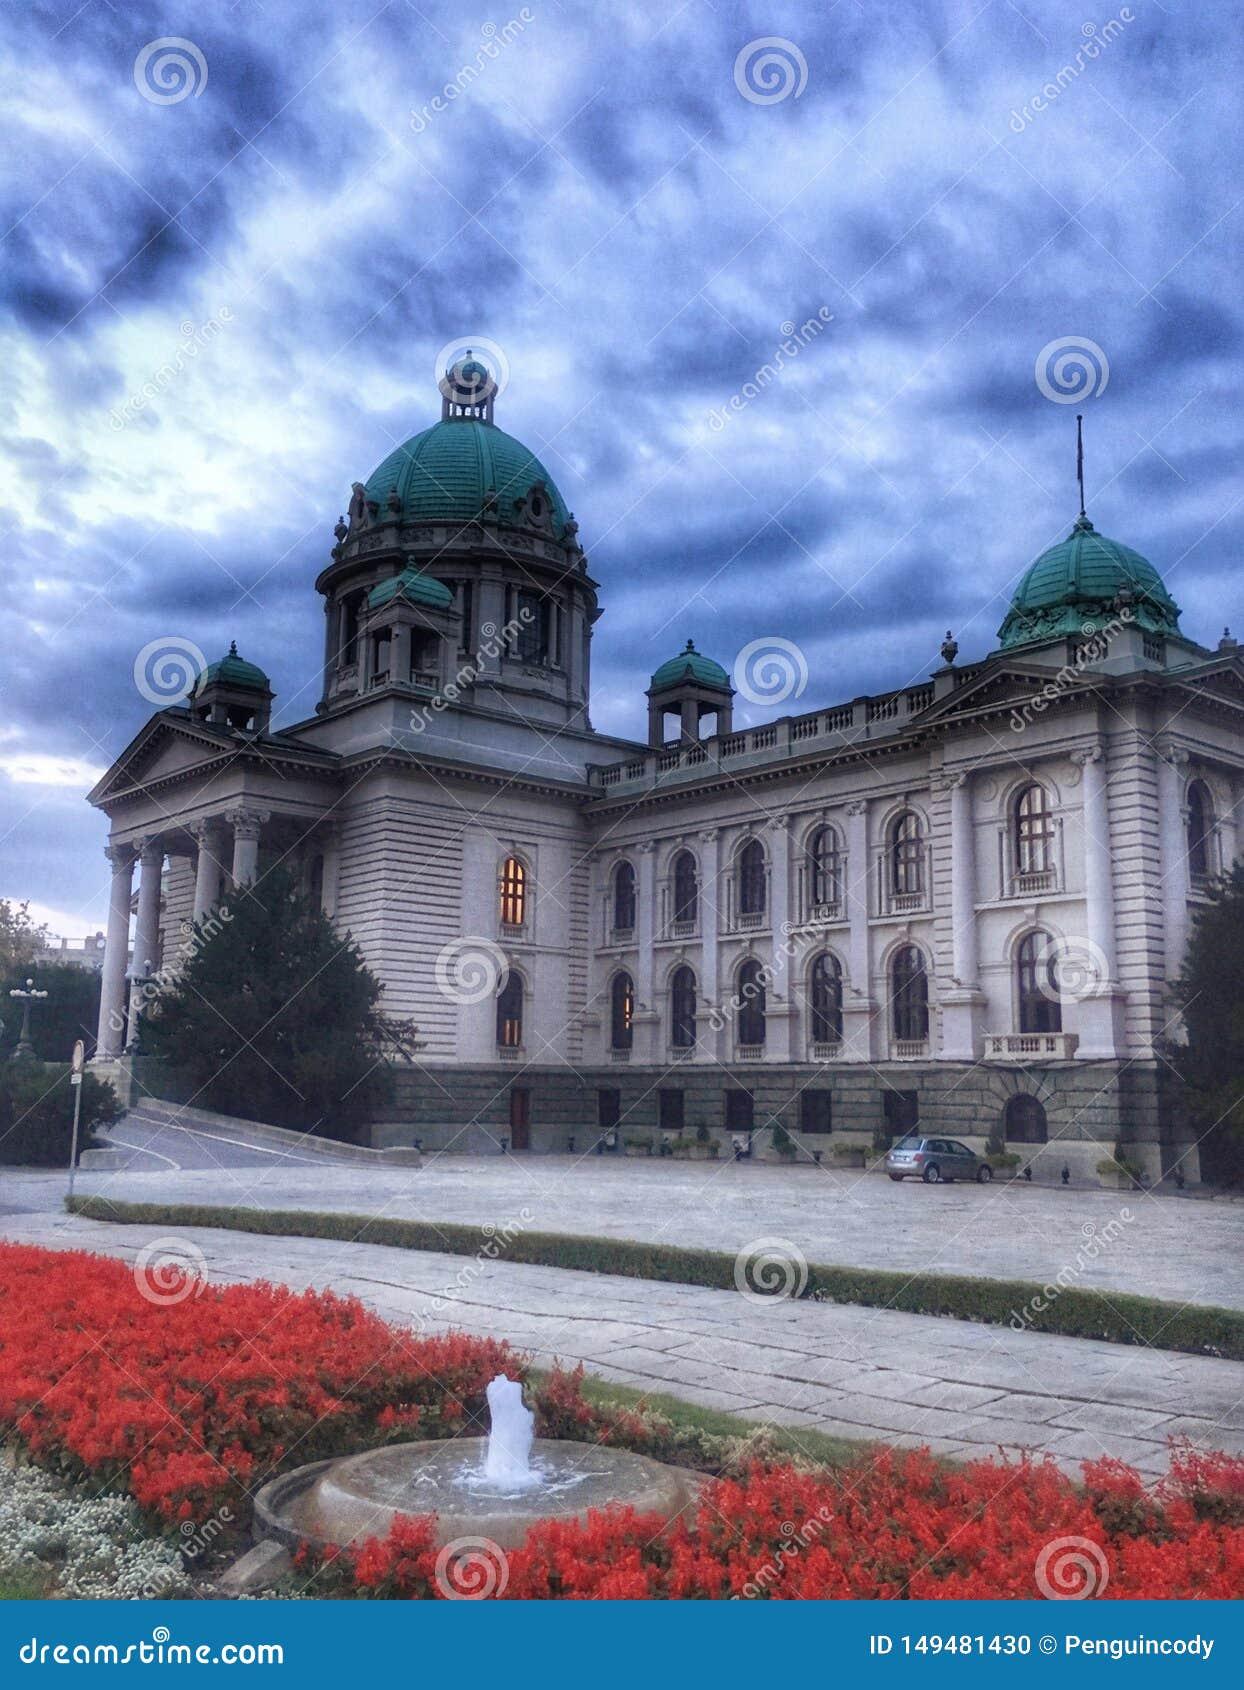 Architecture of Belgrade, Serbia